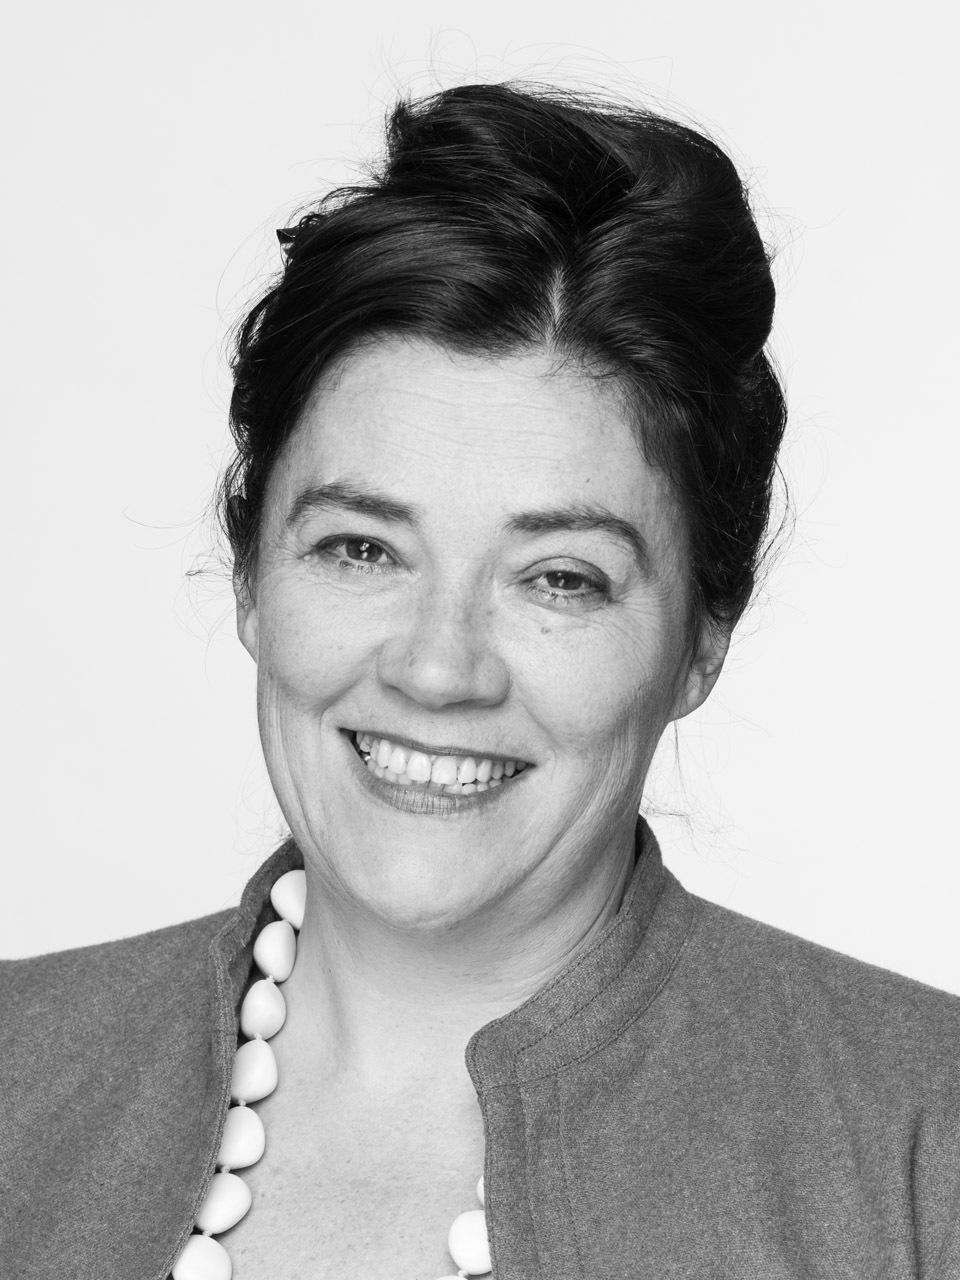 Profile picture of Amanda Johnson